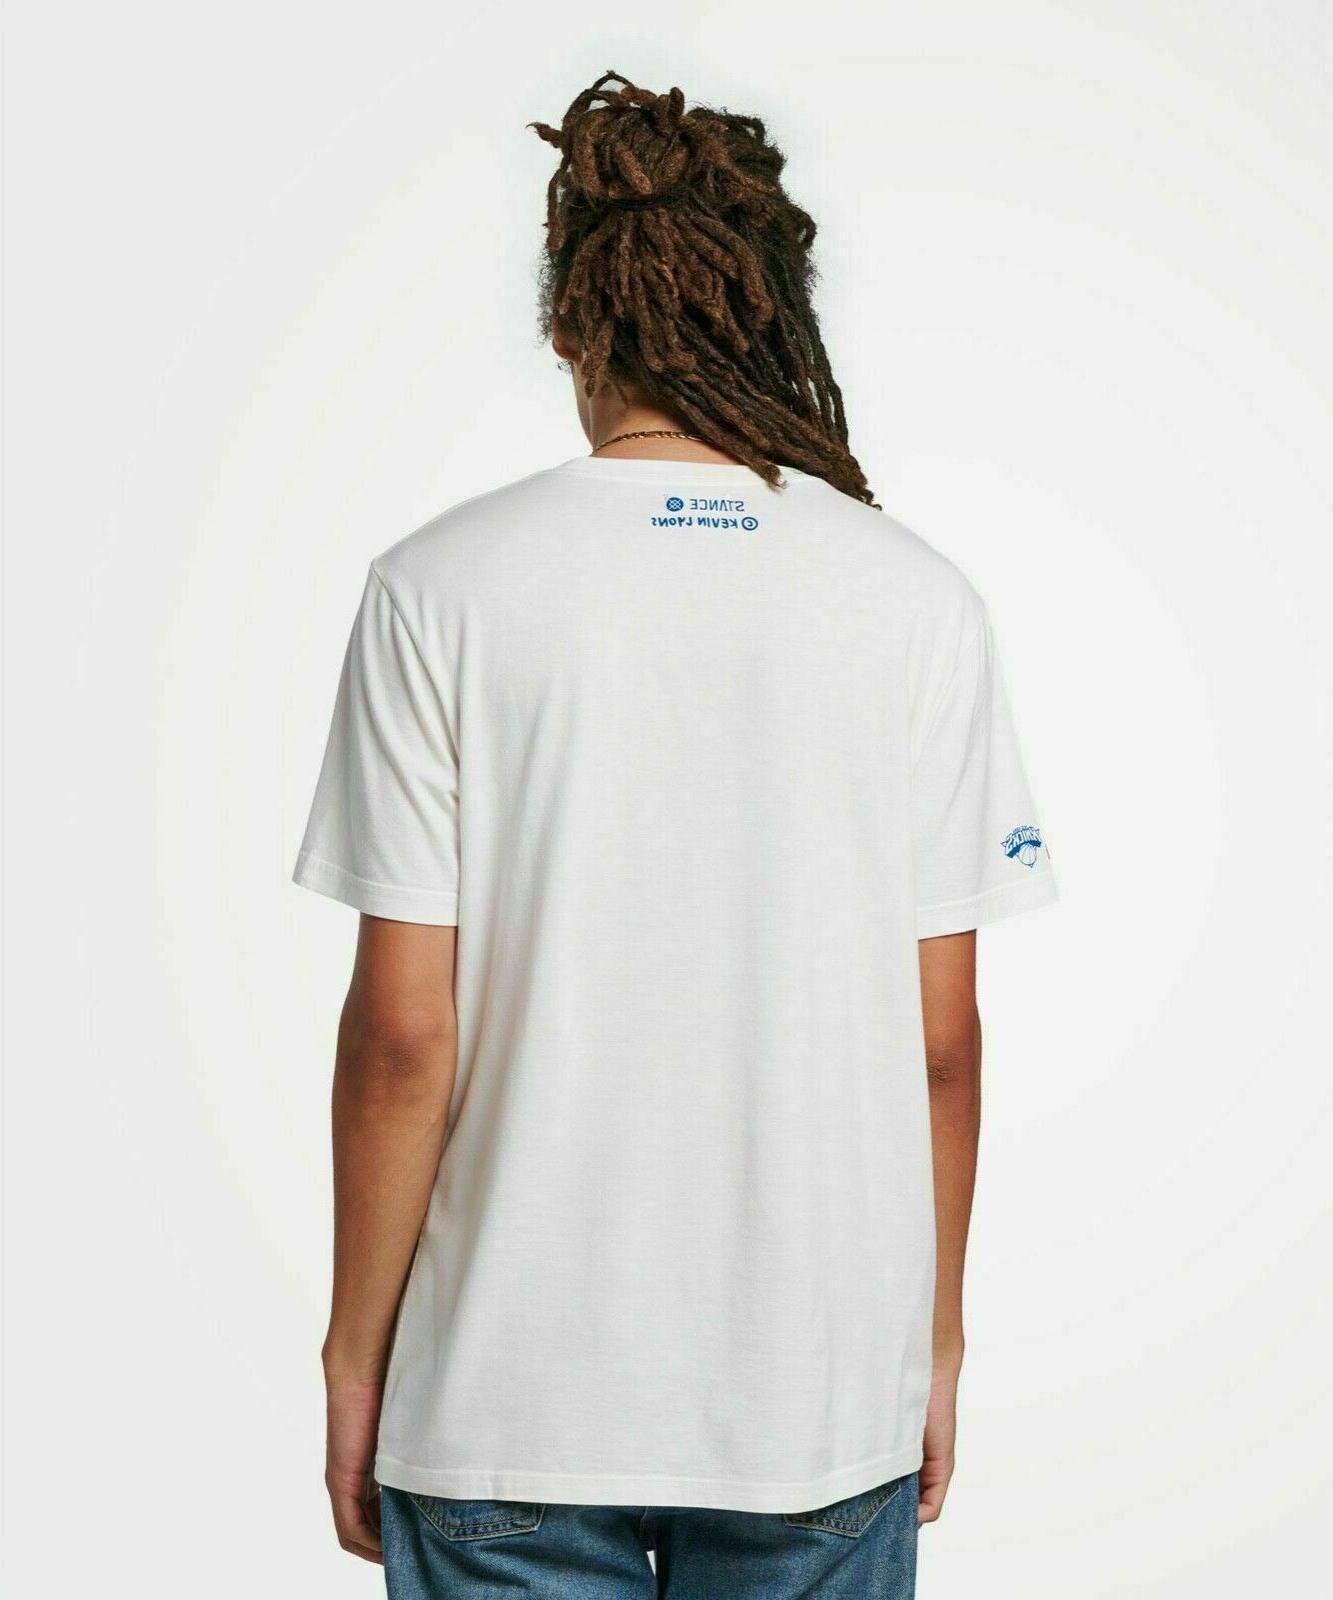 Stance x Lyons New Knicks sz XL Mens White Butter Blend T Shirt